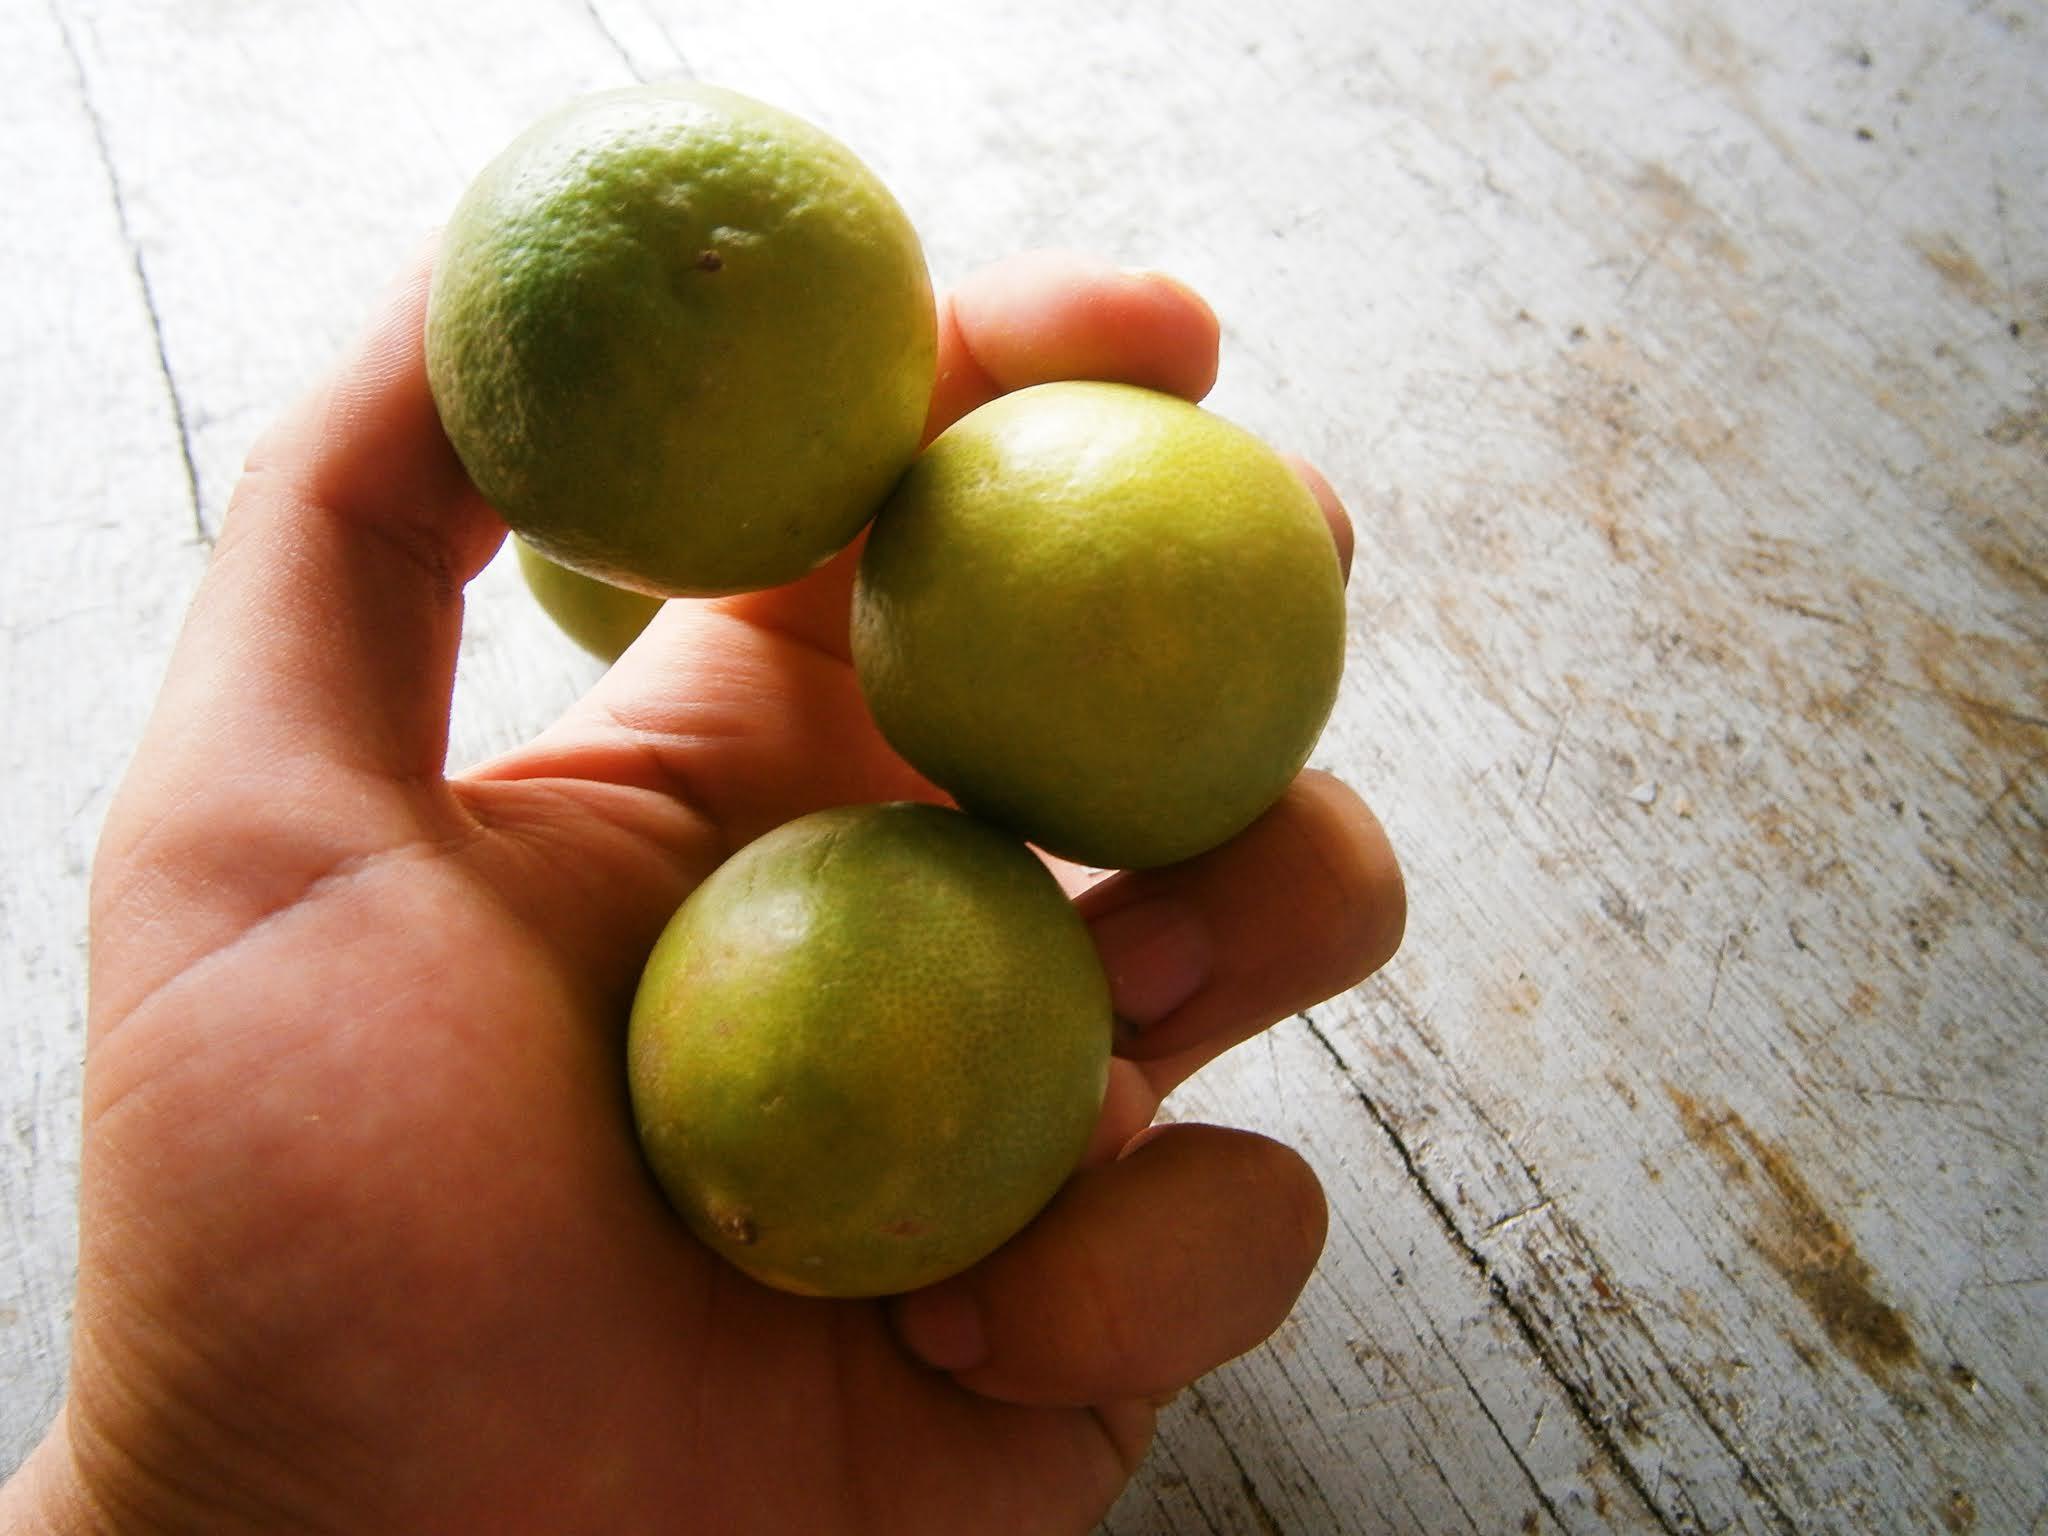 Limones frescos costenido de una mano con fondo de madera plomo